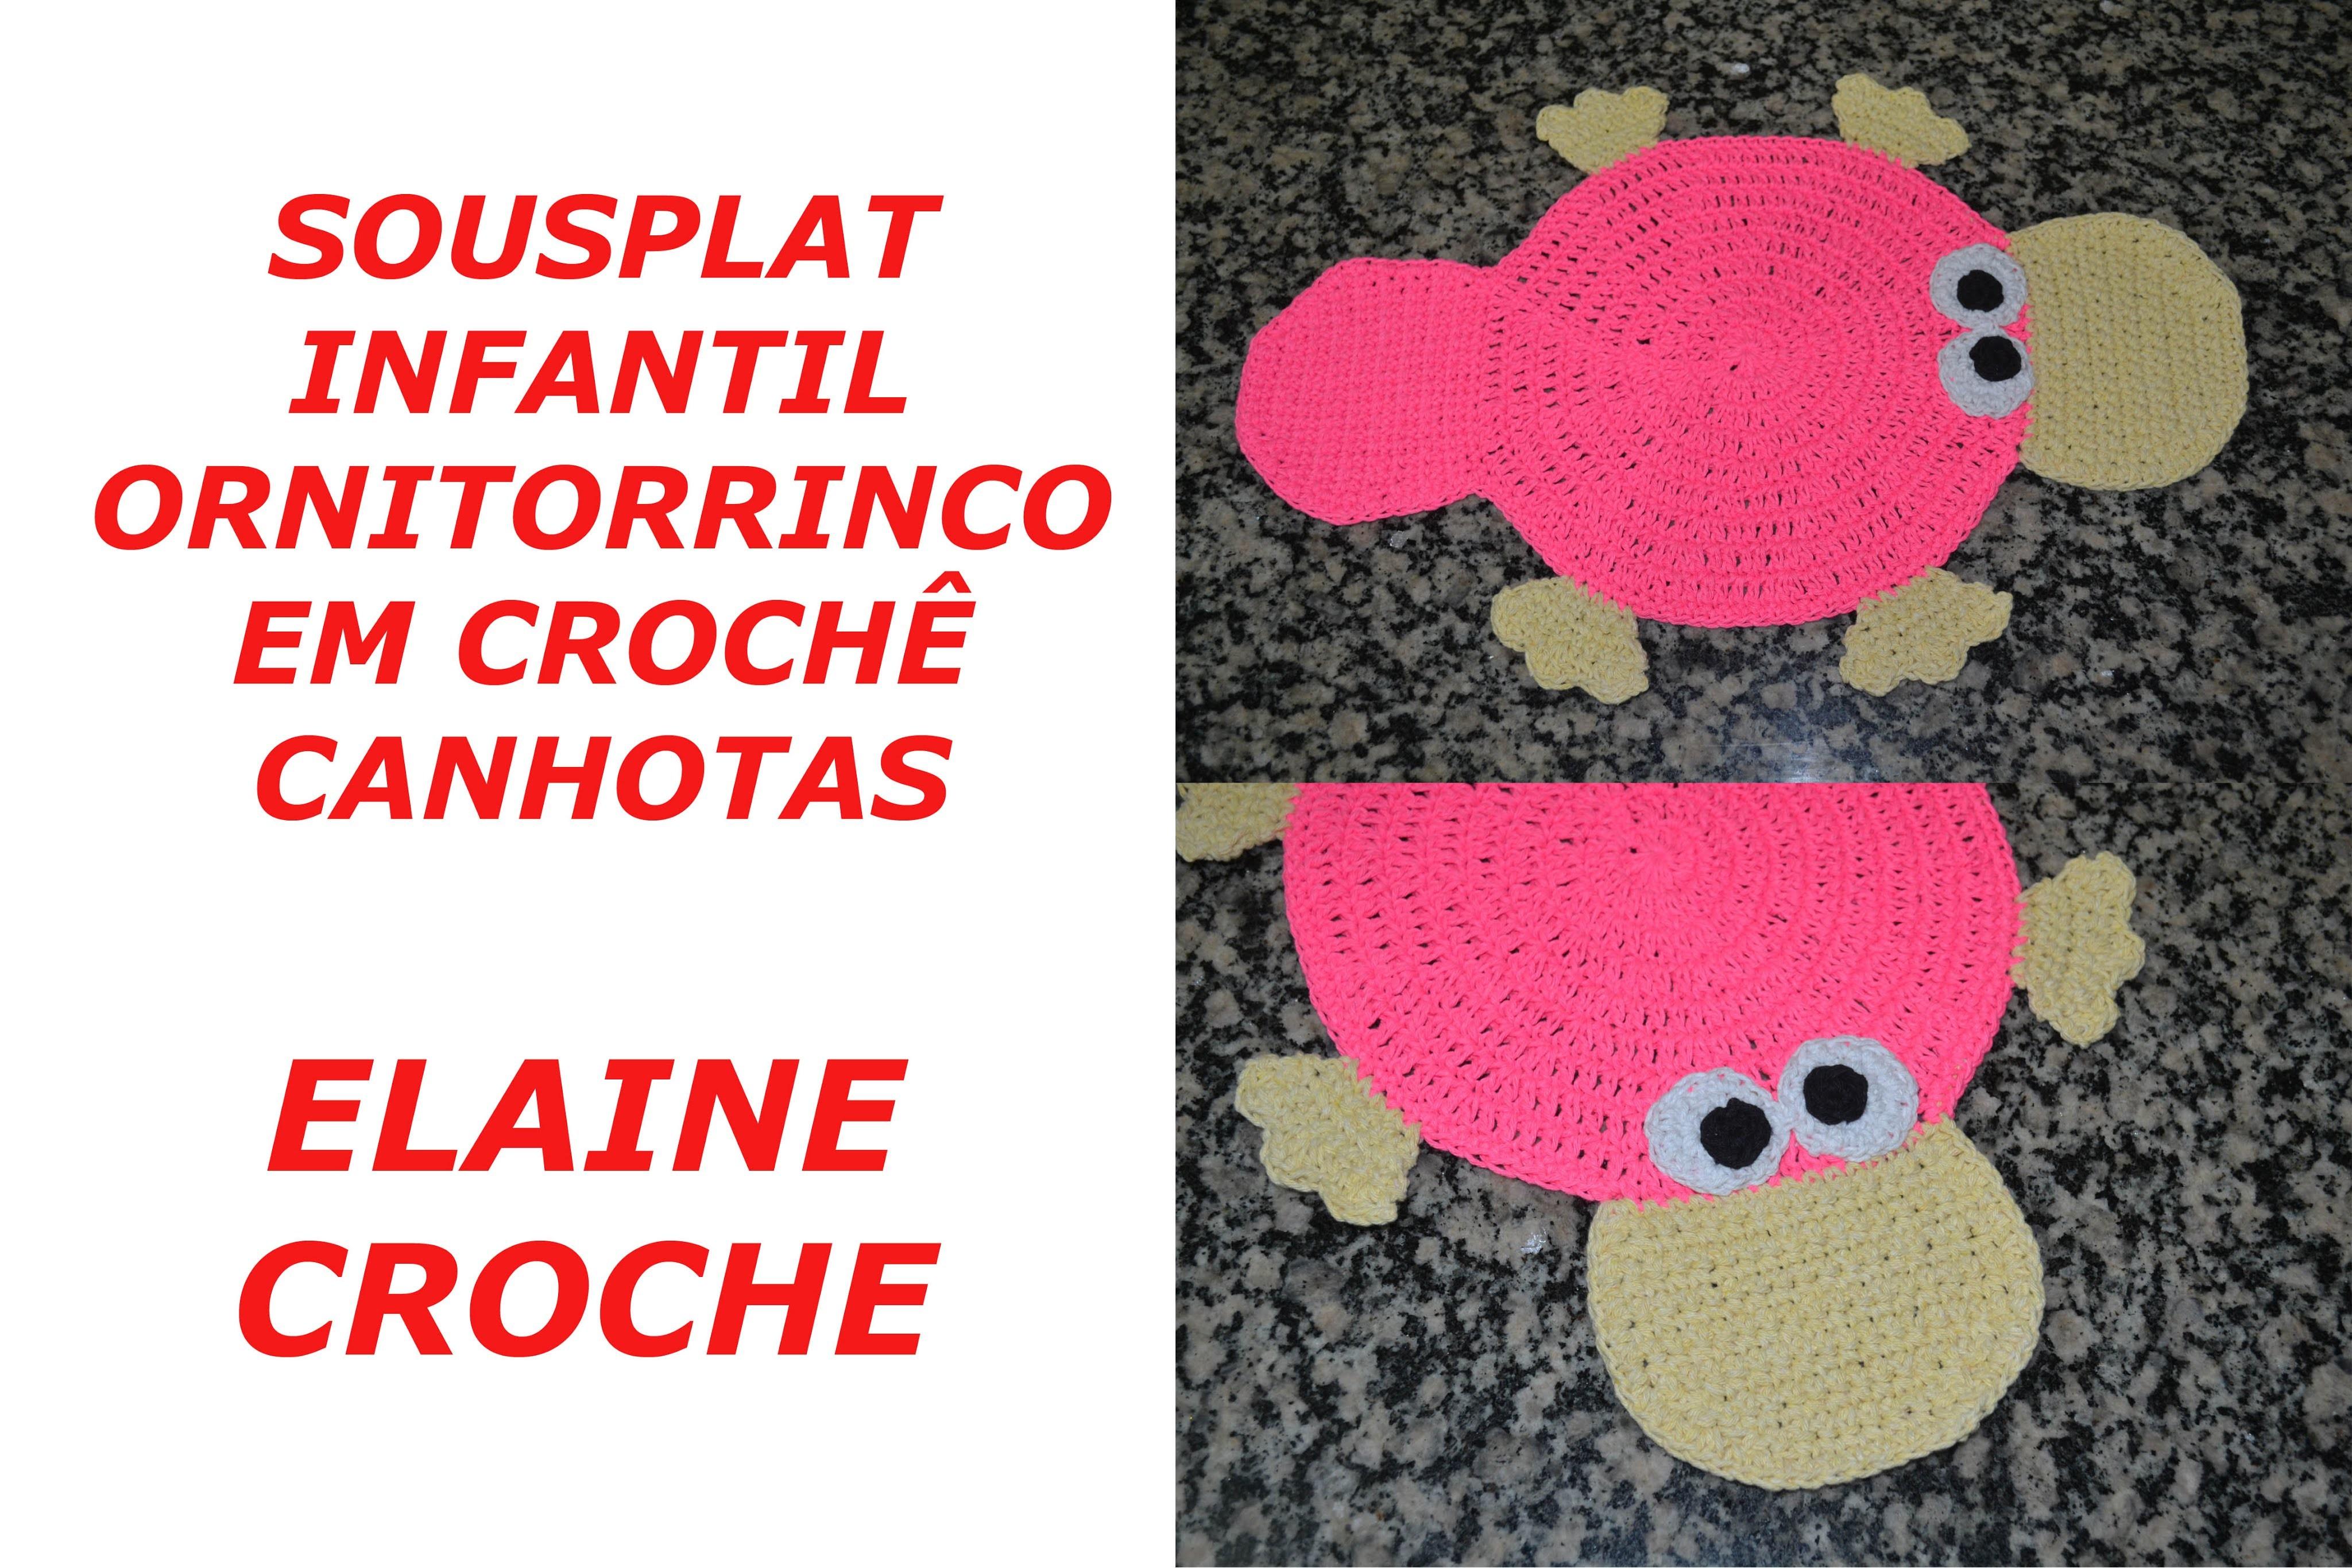 CROCHE PARA CANHOTOS - LEFT HANDED CROCHET - SOUSPLAT INFANTIL ORNITORRINCO EM CROCHÊ CANHOTAS